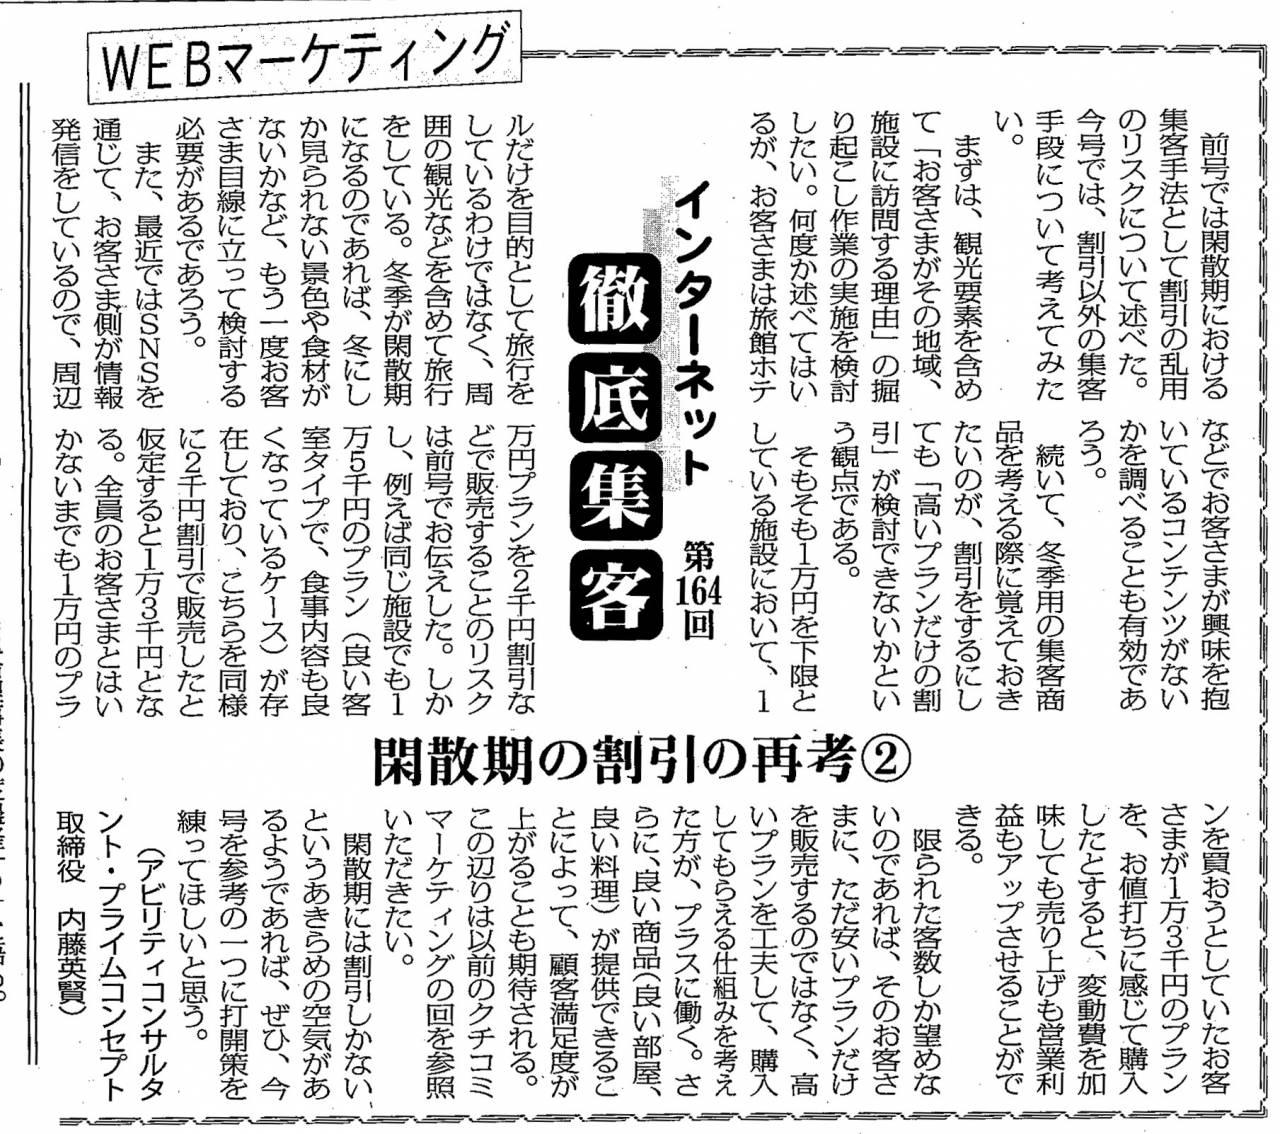 【第164回】 WEBマーケティング HPの最新トレンド( 閑散期の割引の再考 2 )